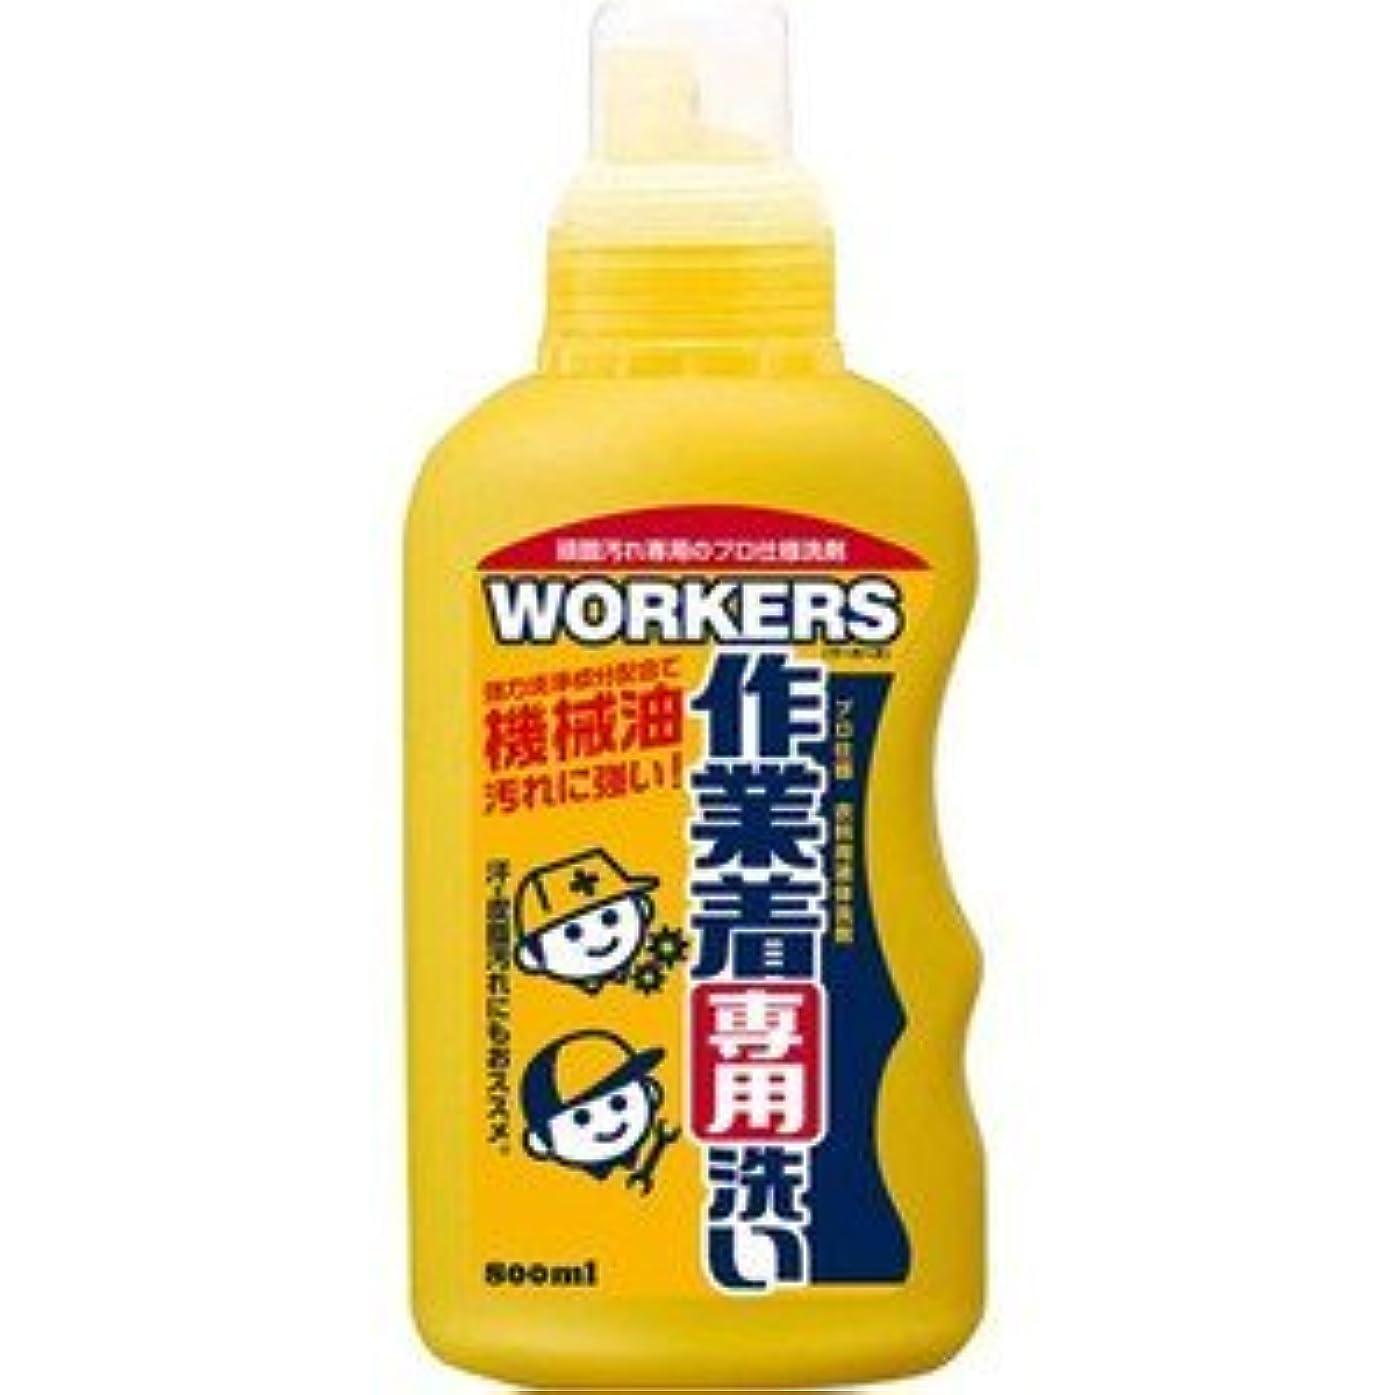 ボタンインフラ配管工(NSファーファ?ジャパン)WORKERS 作業着液体洗剤 本体 800ml